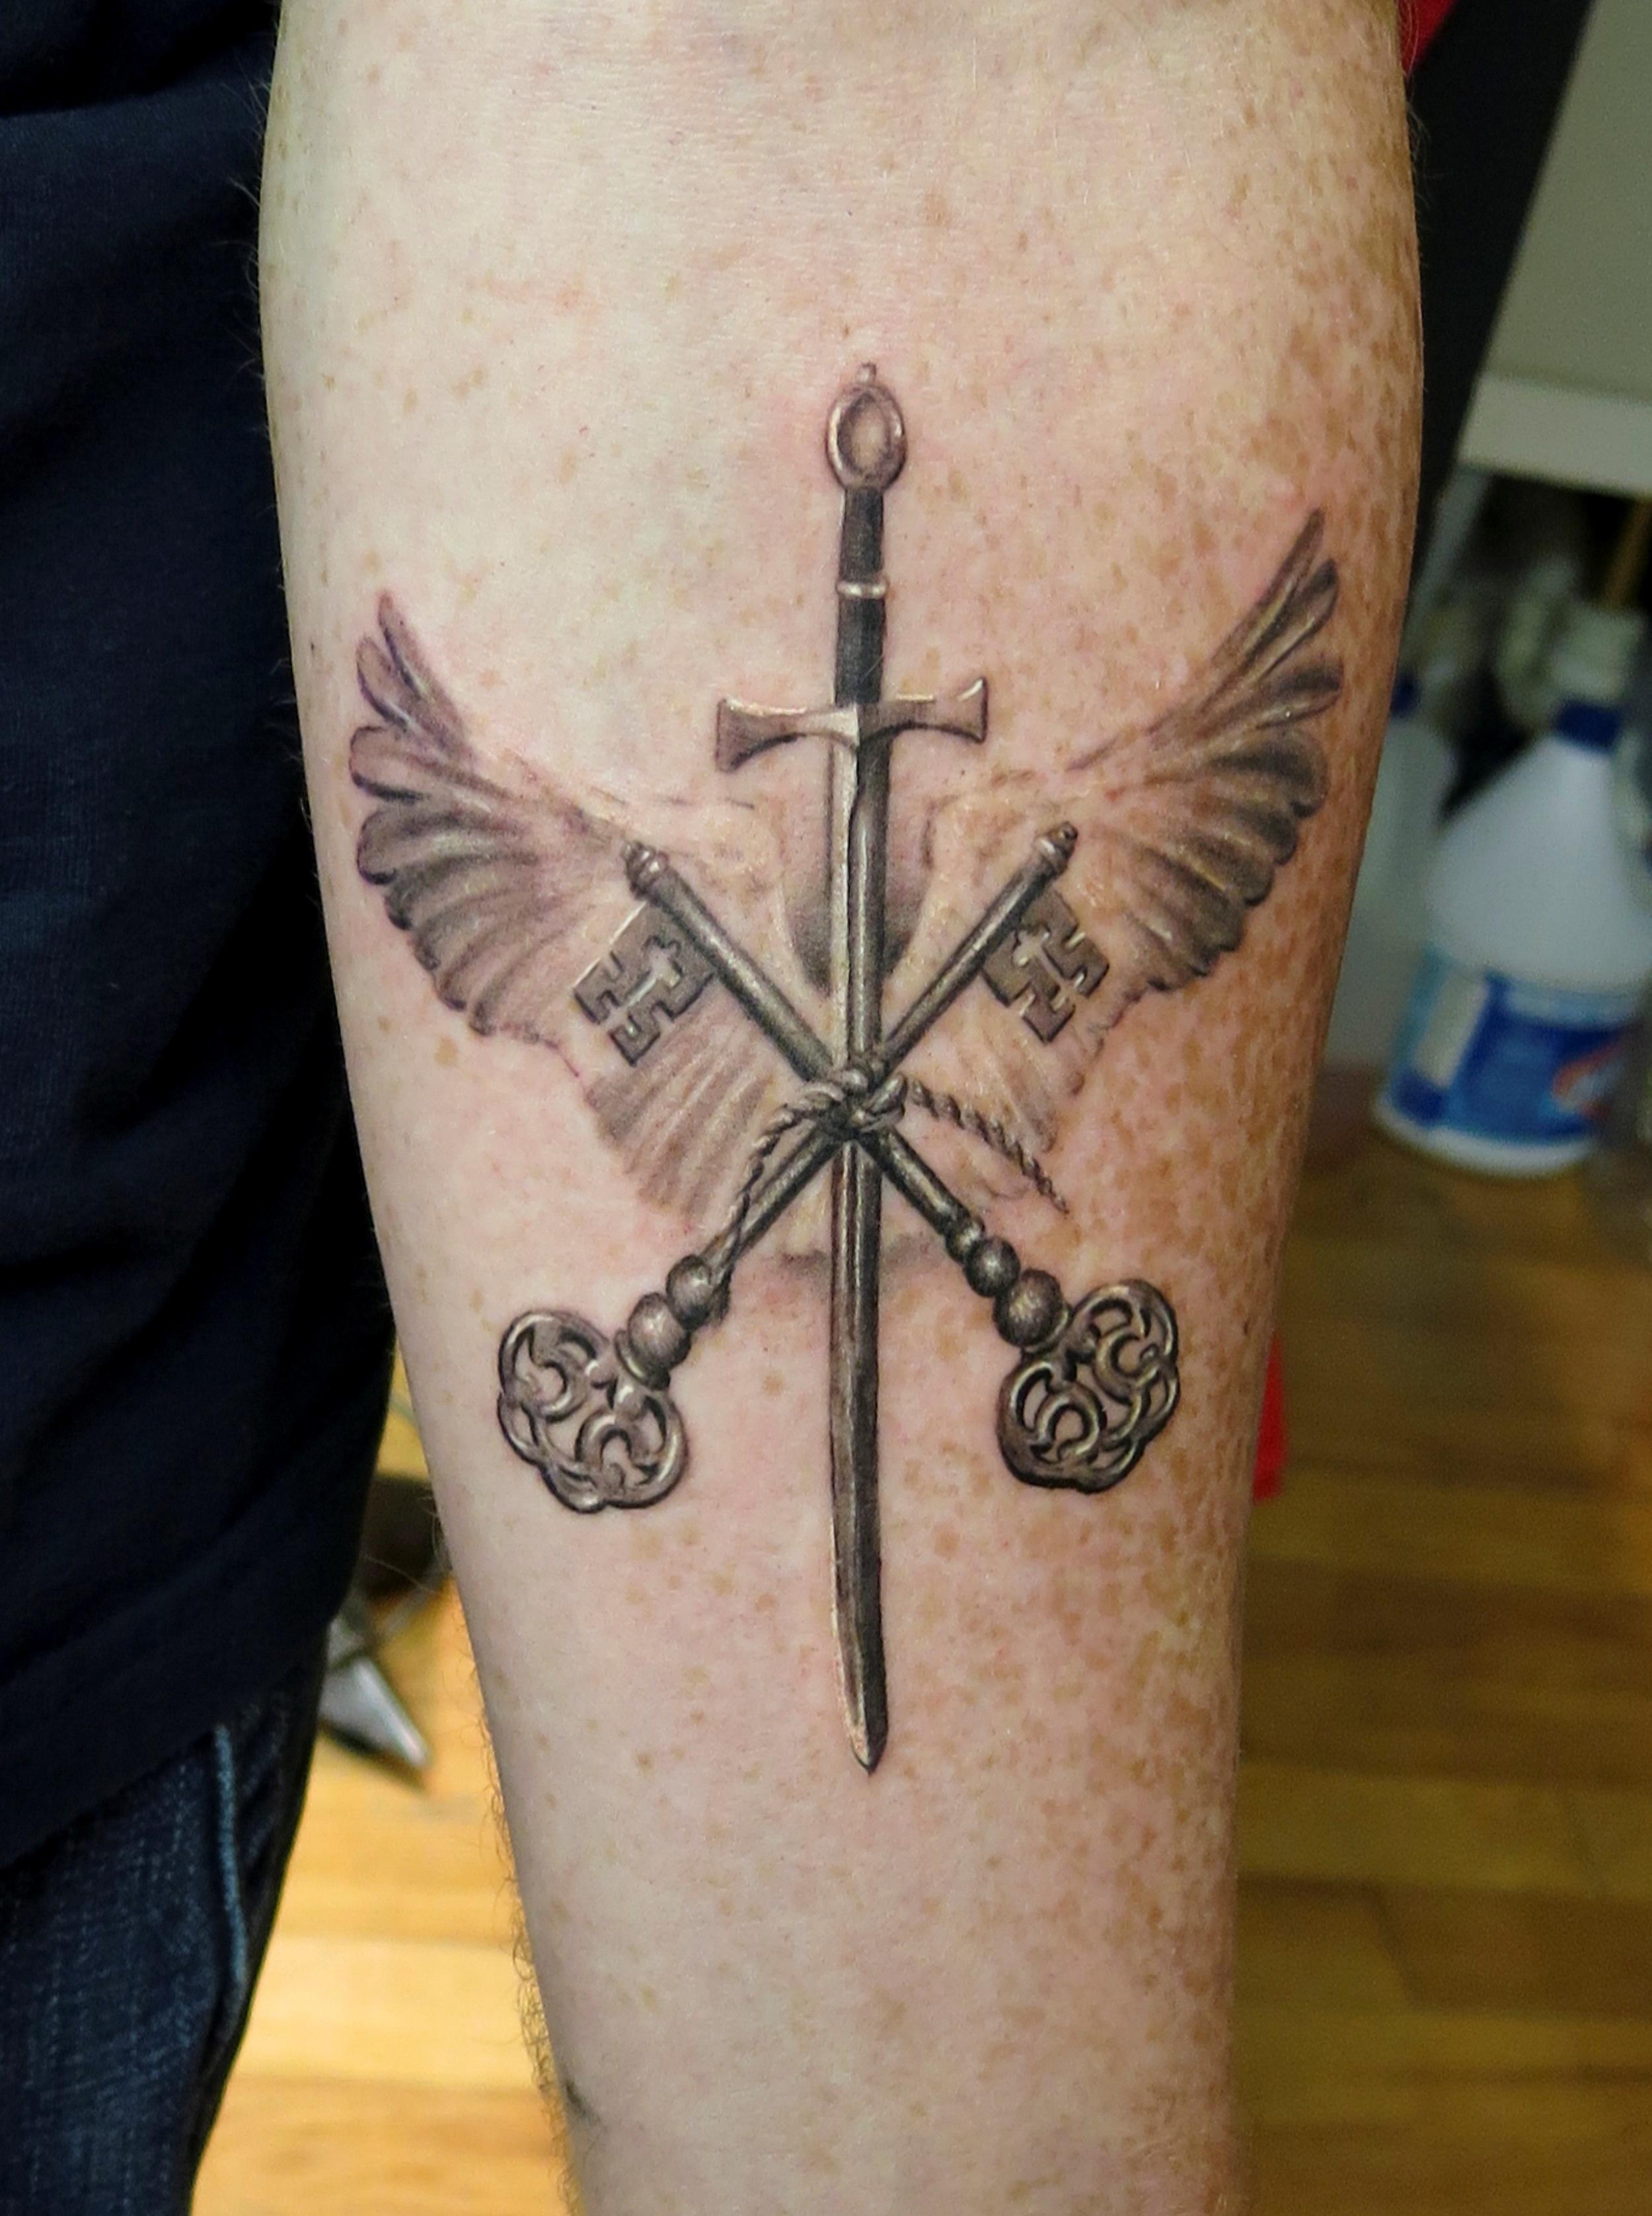 key, sword, wing tattoo